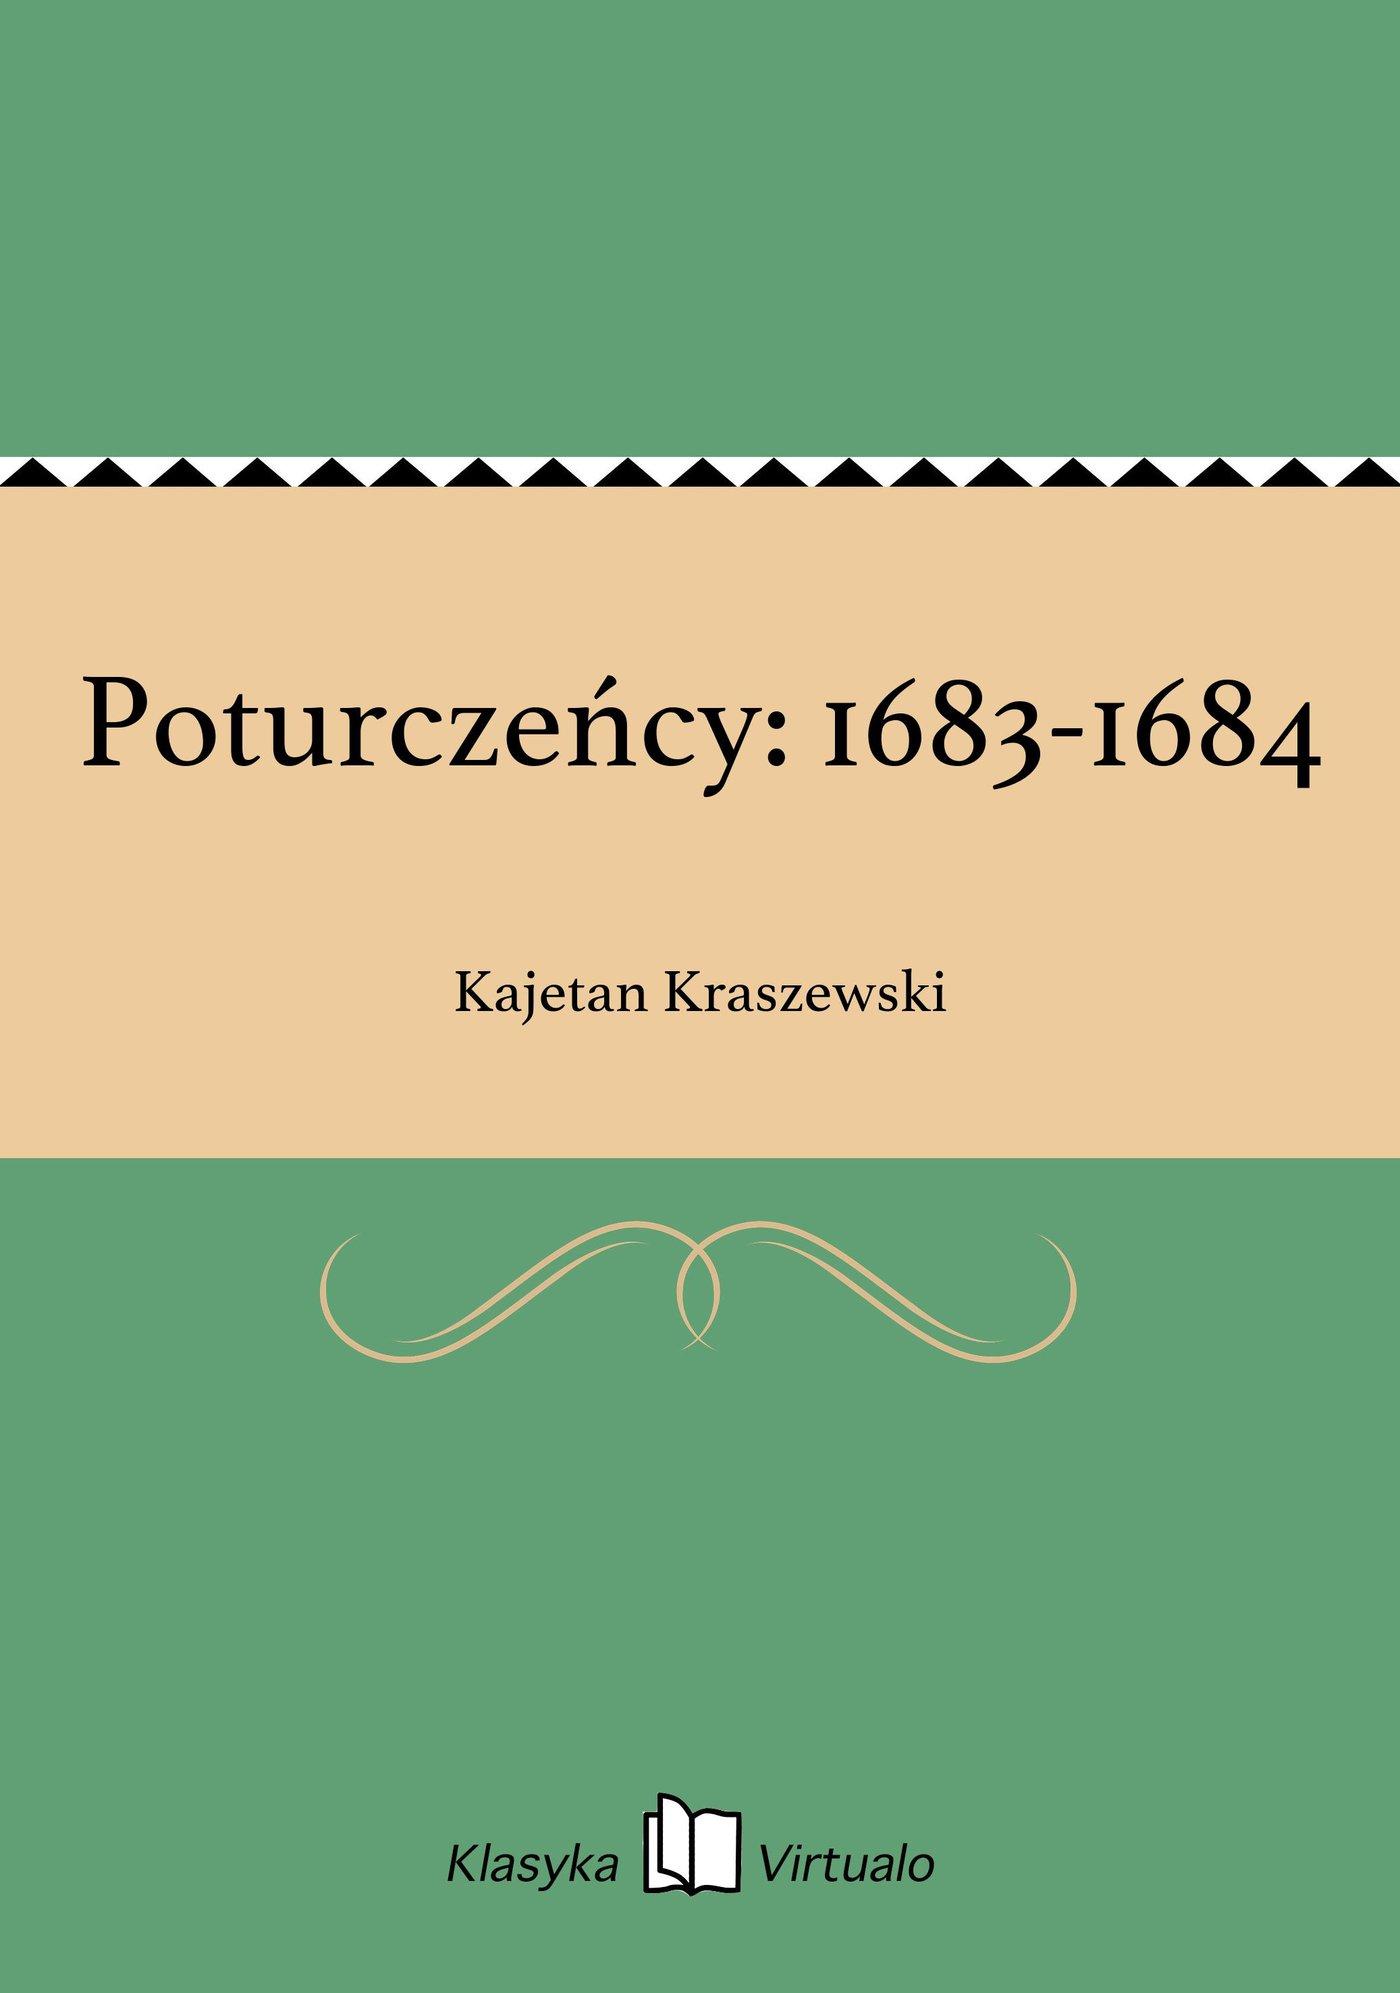 Poturczeńcy: 1683-1684 - Ebook (Książka na Kindle) do pobrania w formacie MOBI